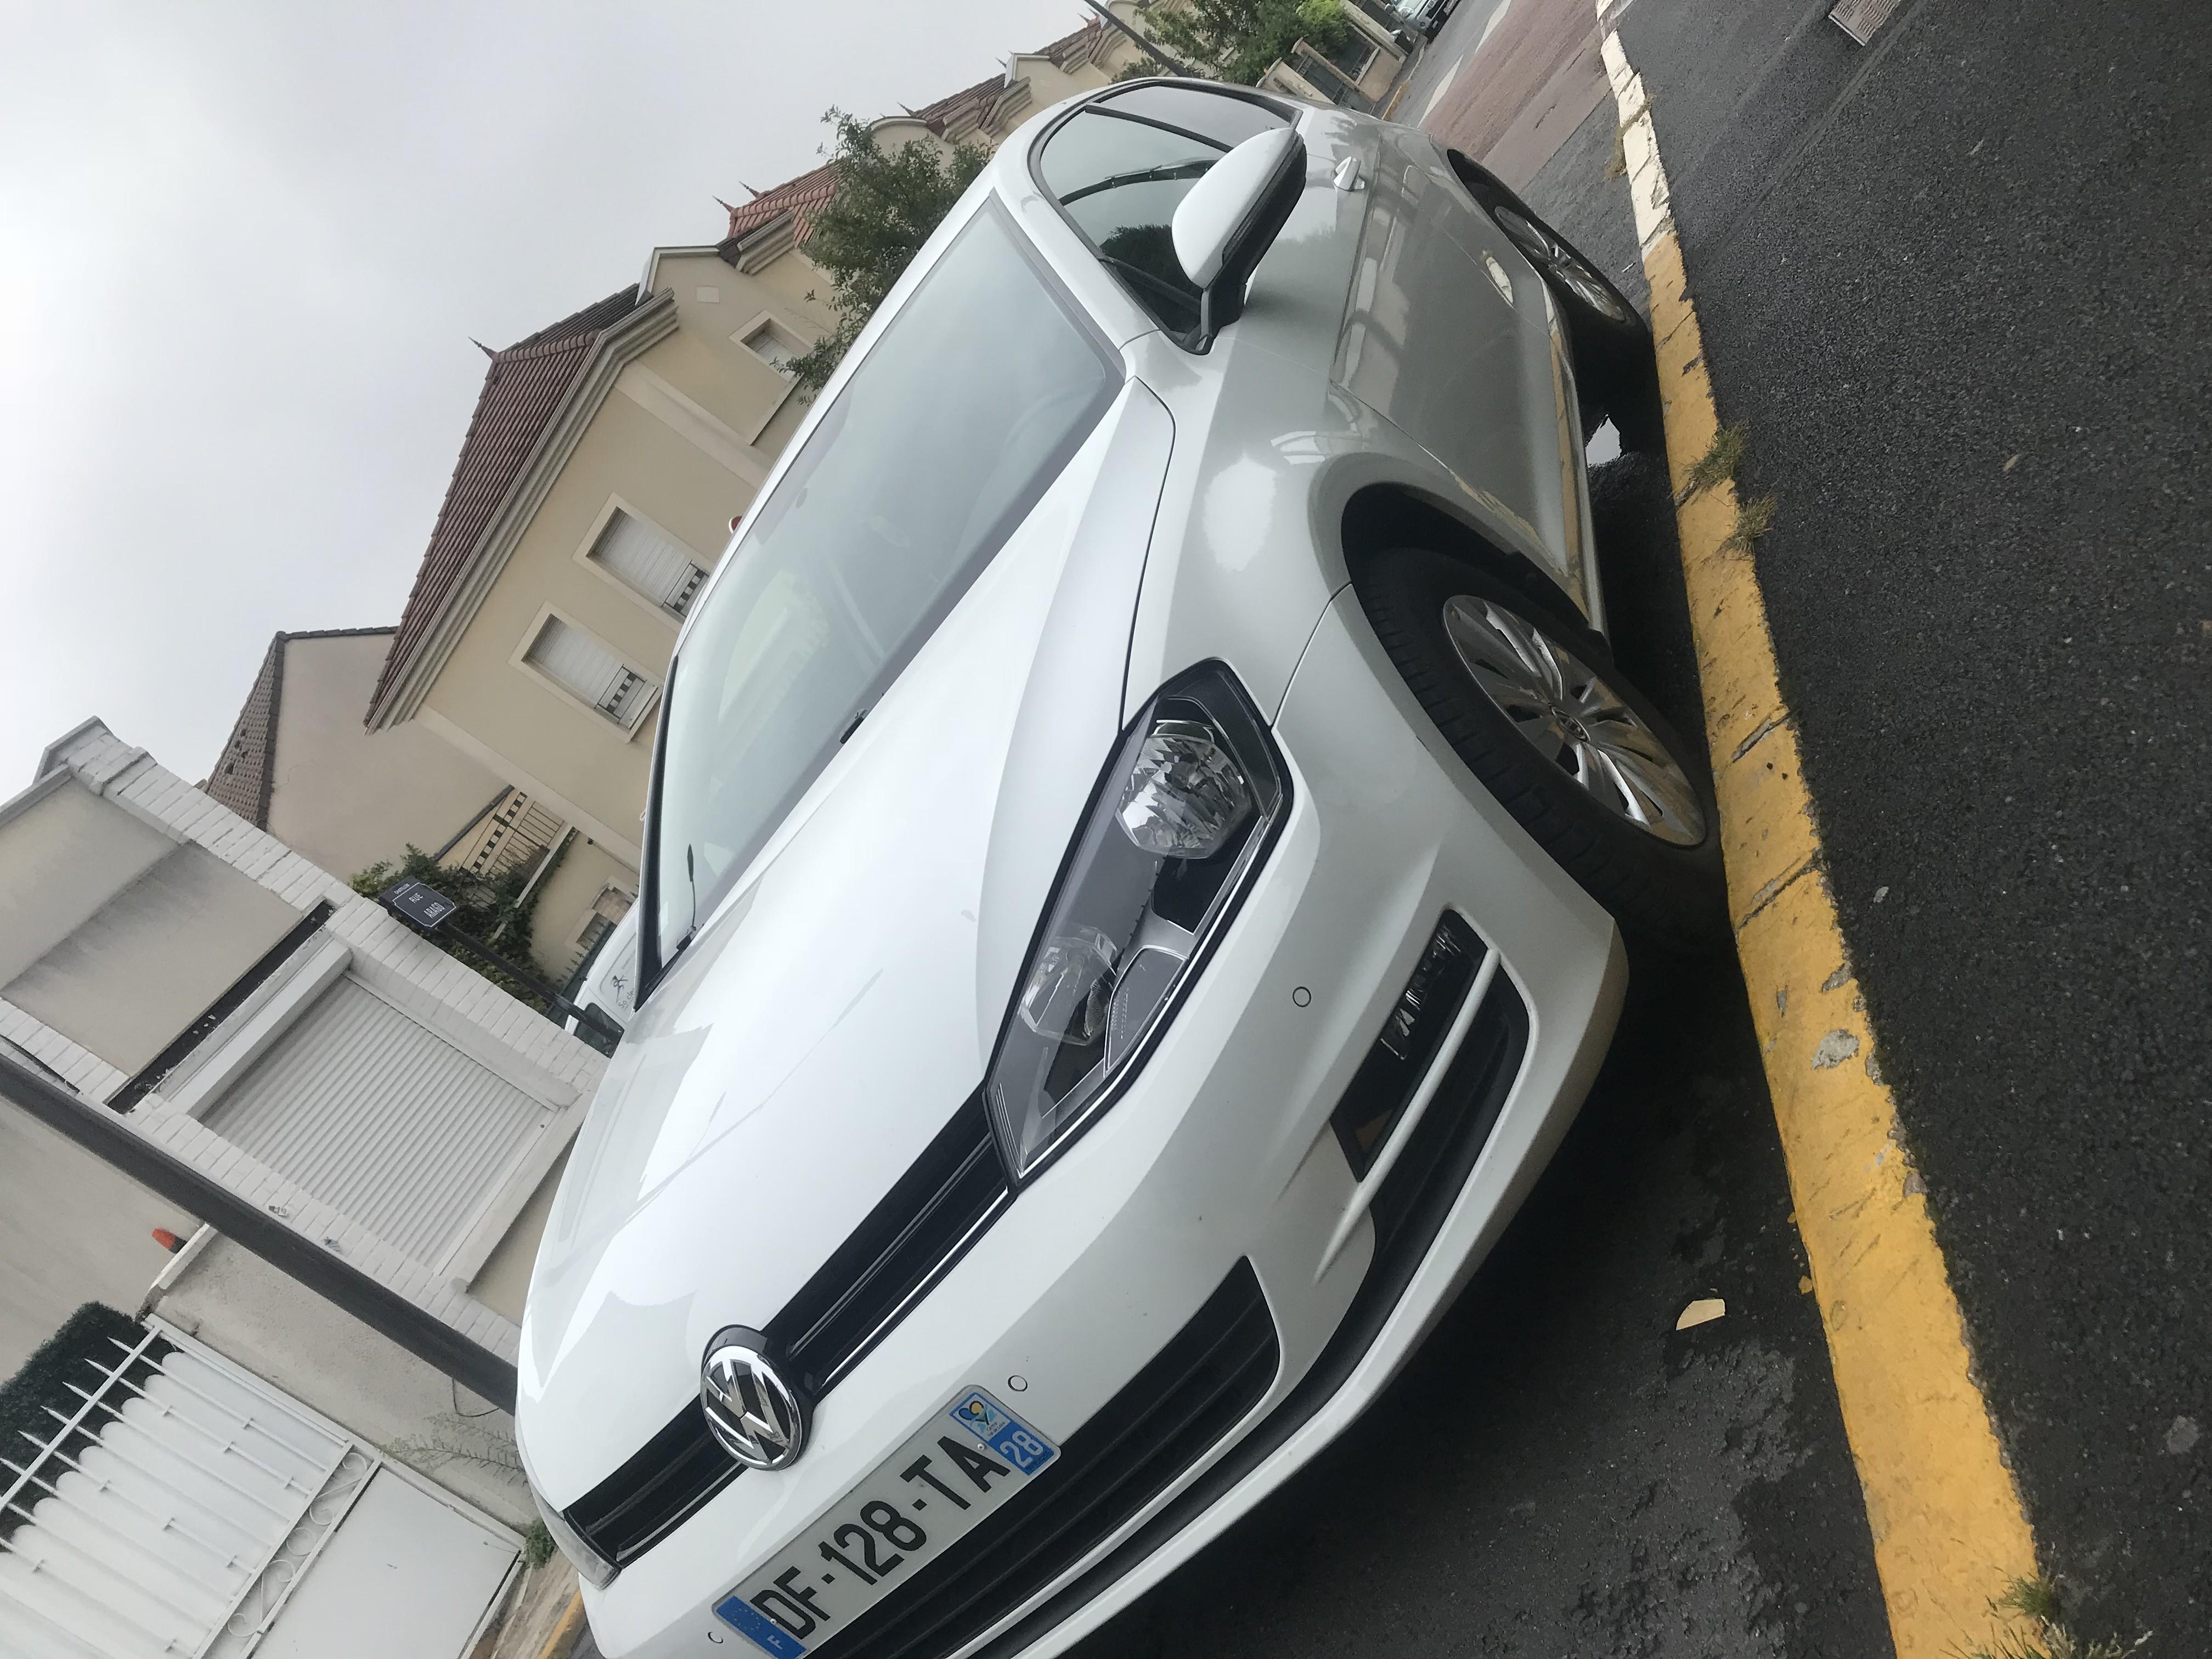 Volkswagen Golf VII Diesel Manuelle 2014 Paris